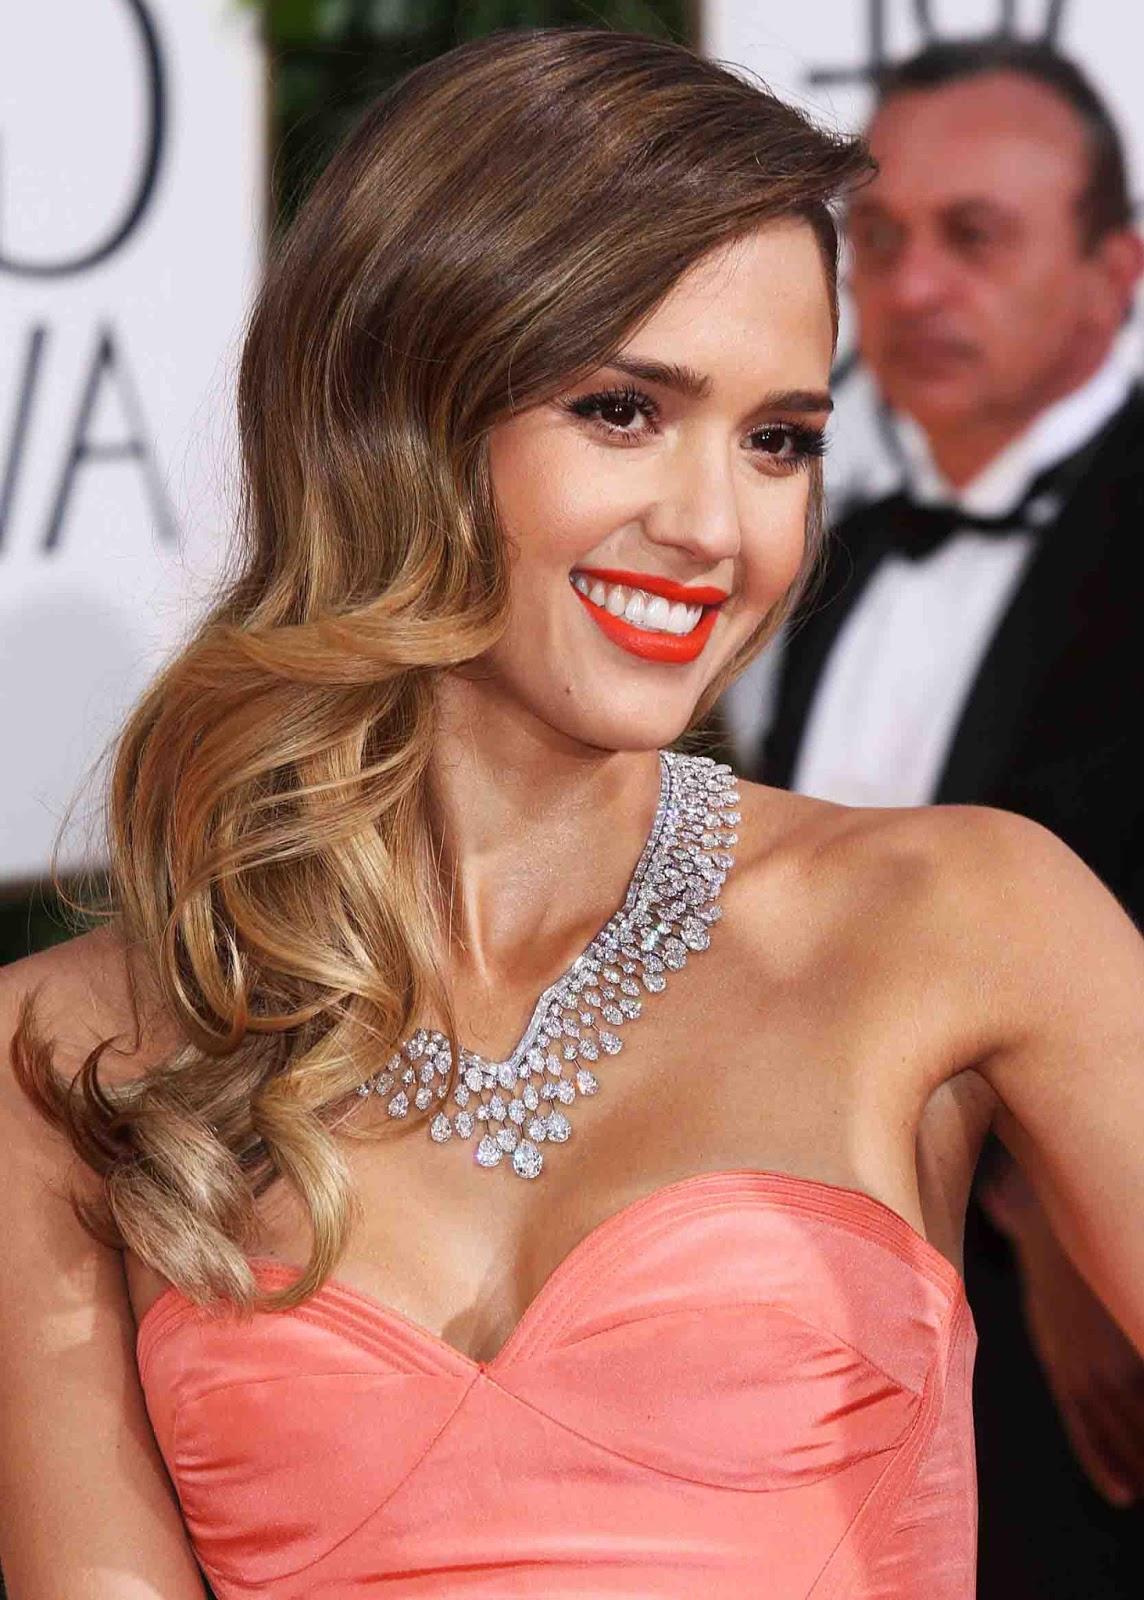 http://3.bp.blogspot.com/-9WBSpxcmN30/UPrjYtLQjbI/AAAAAAACrDI/f5-ZS4gAZNE/s1600/Jessica+Alba.jpg